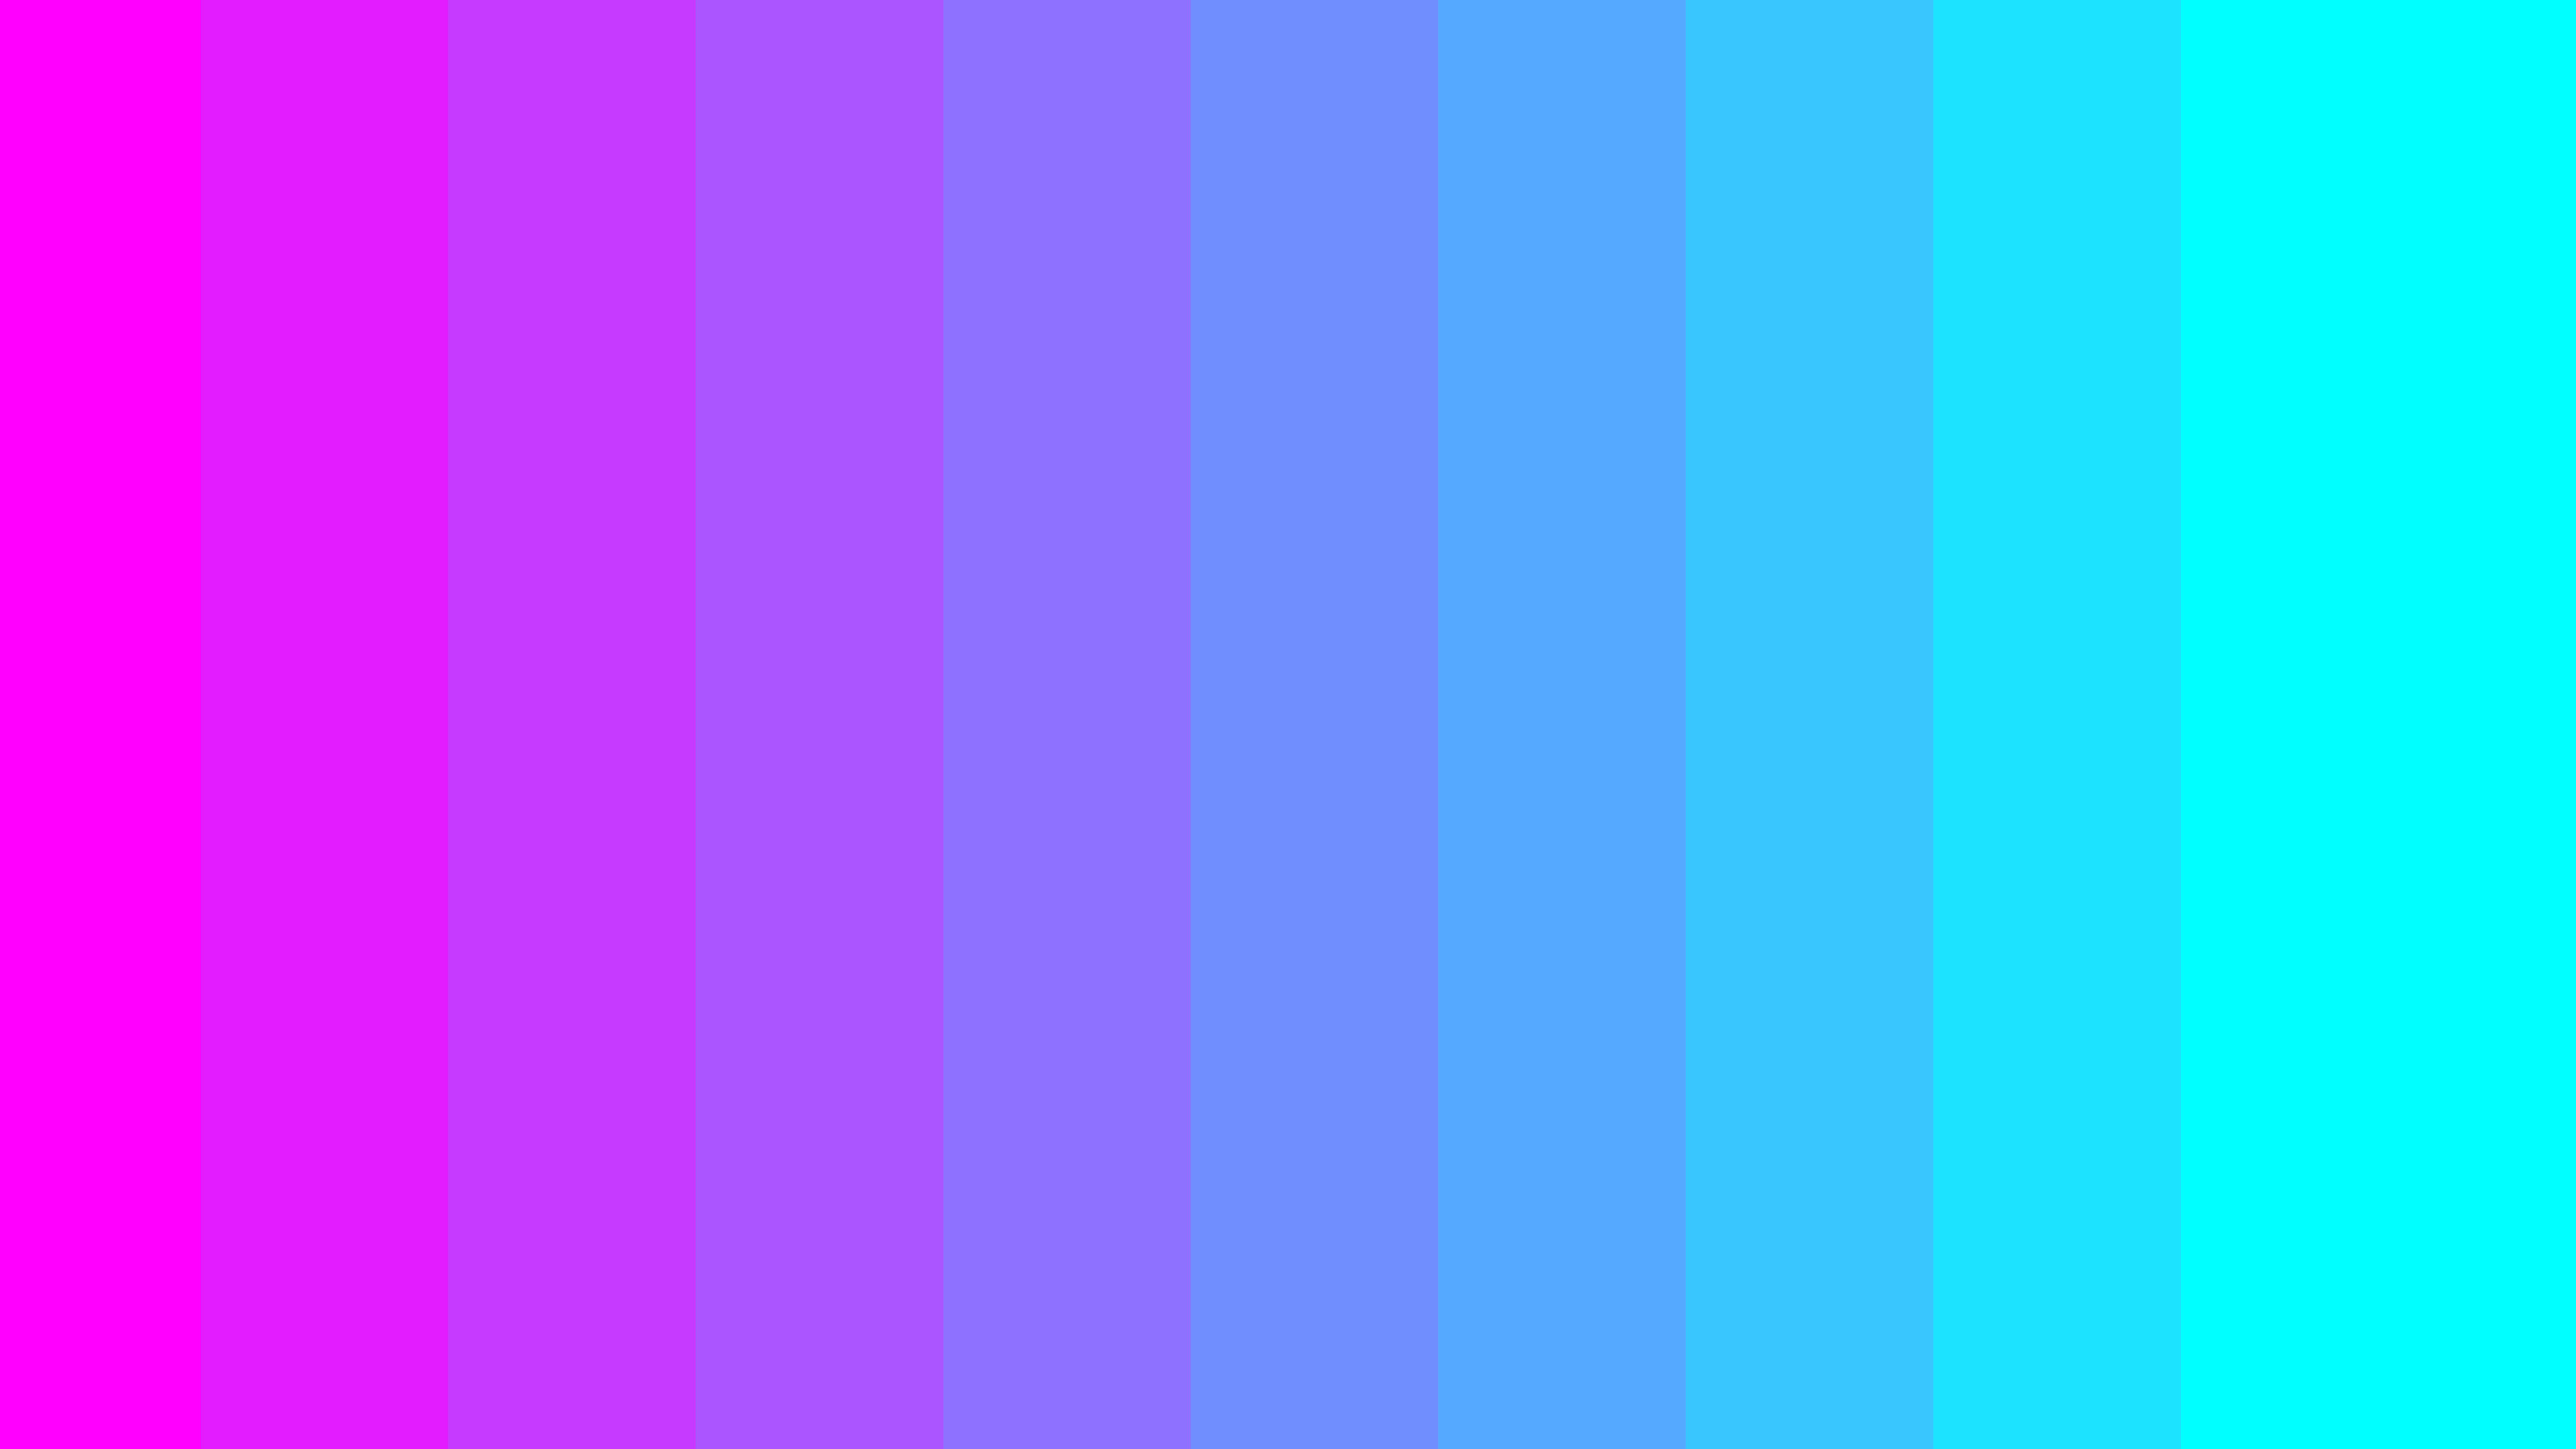 gradient pink blue 8k resolution